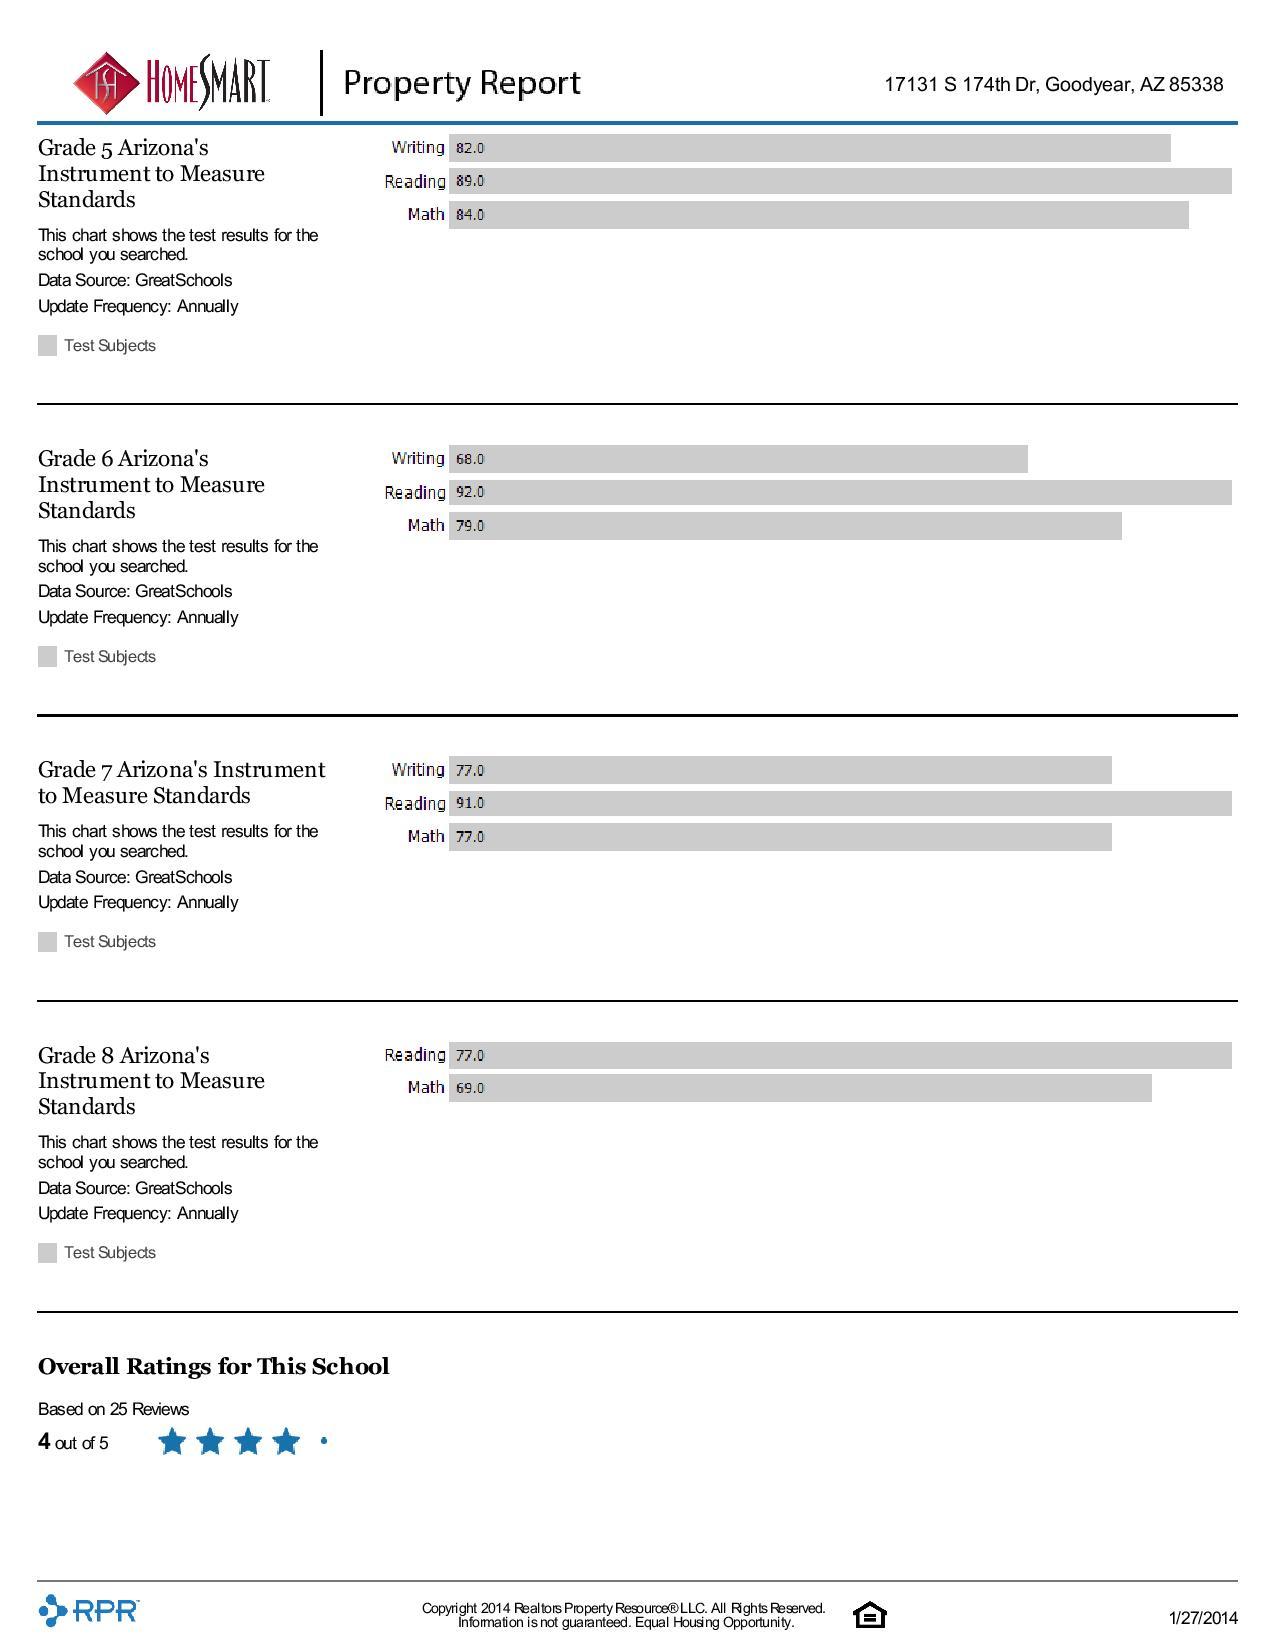 17131-S-174th-Dr-Goodyear-AZ-85338.pdf-page-013